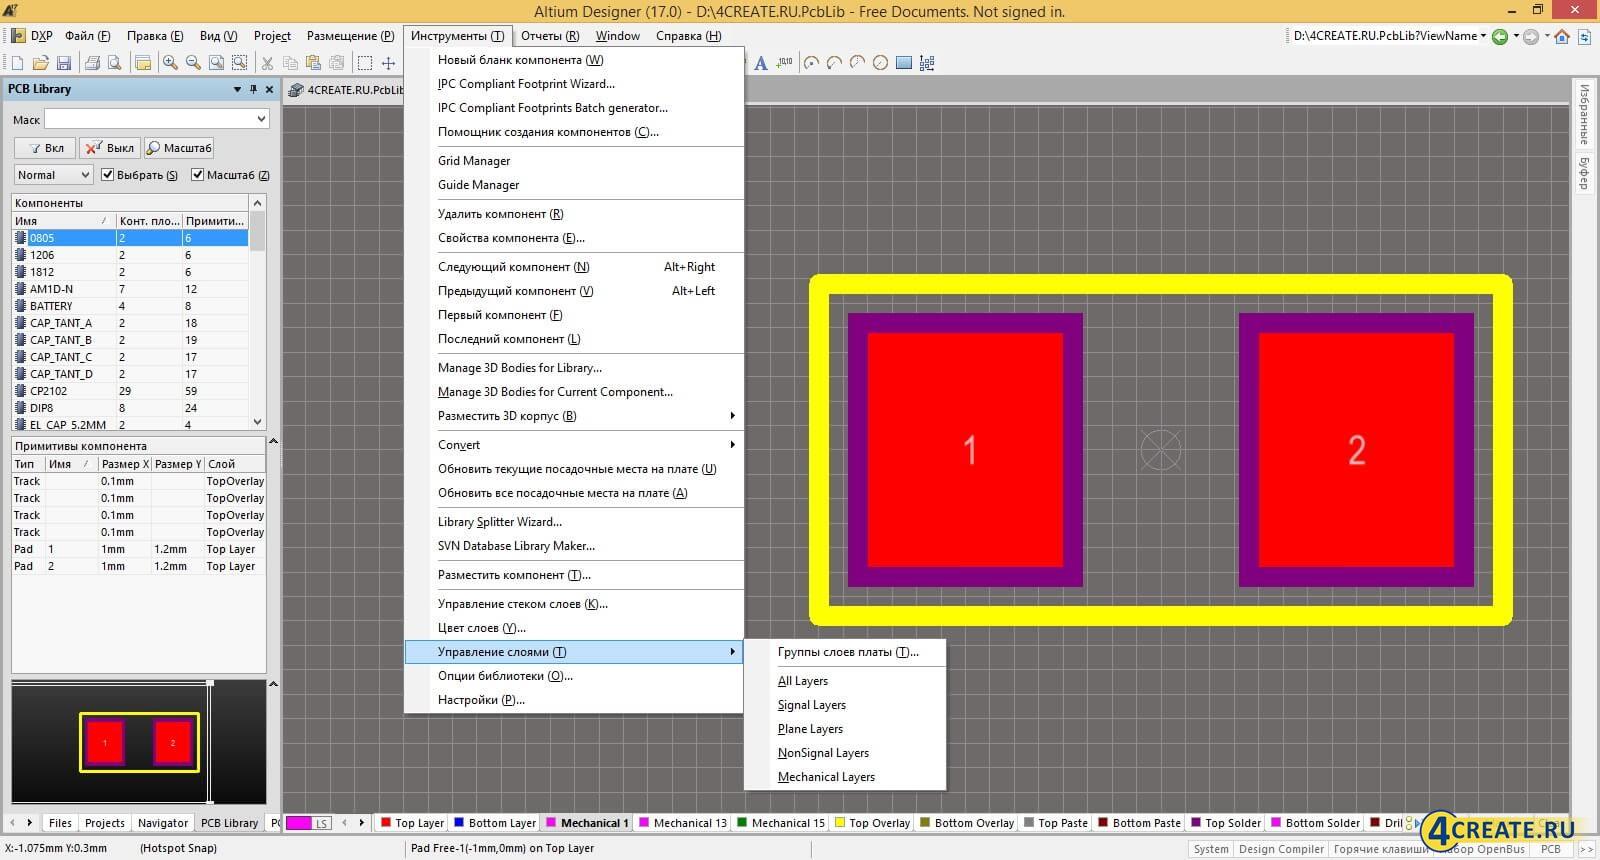 Altium Designer 17 (Скриншот 2)